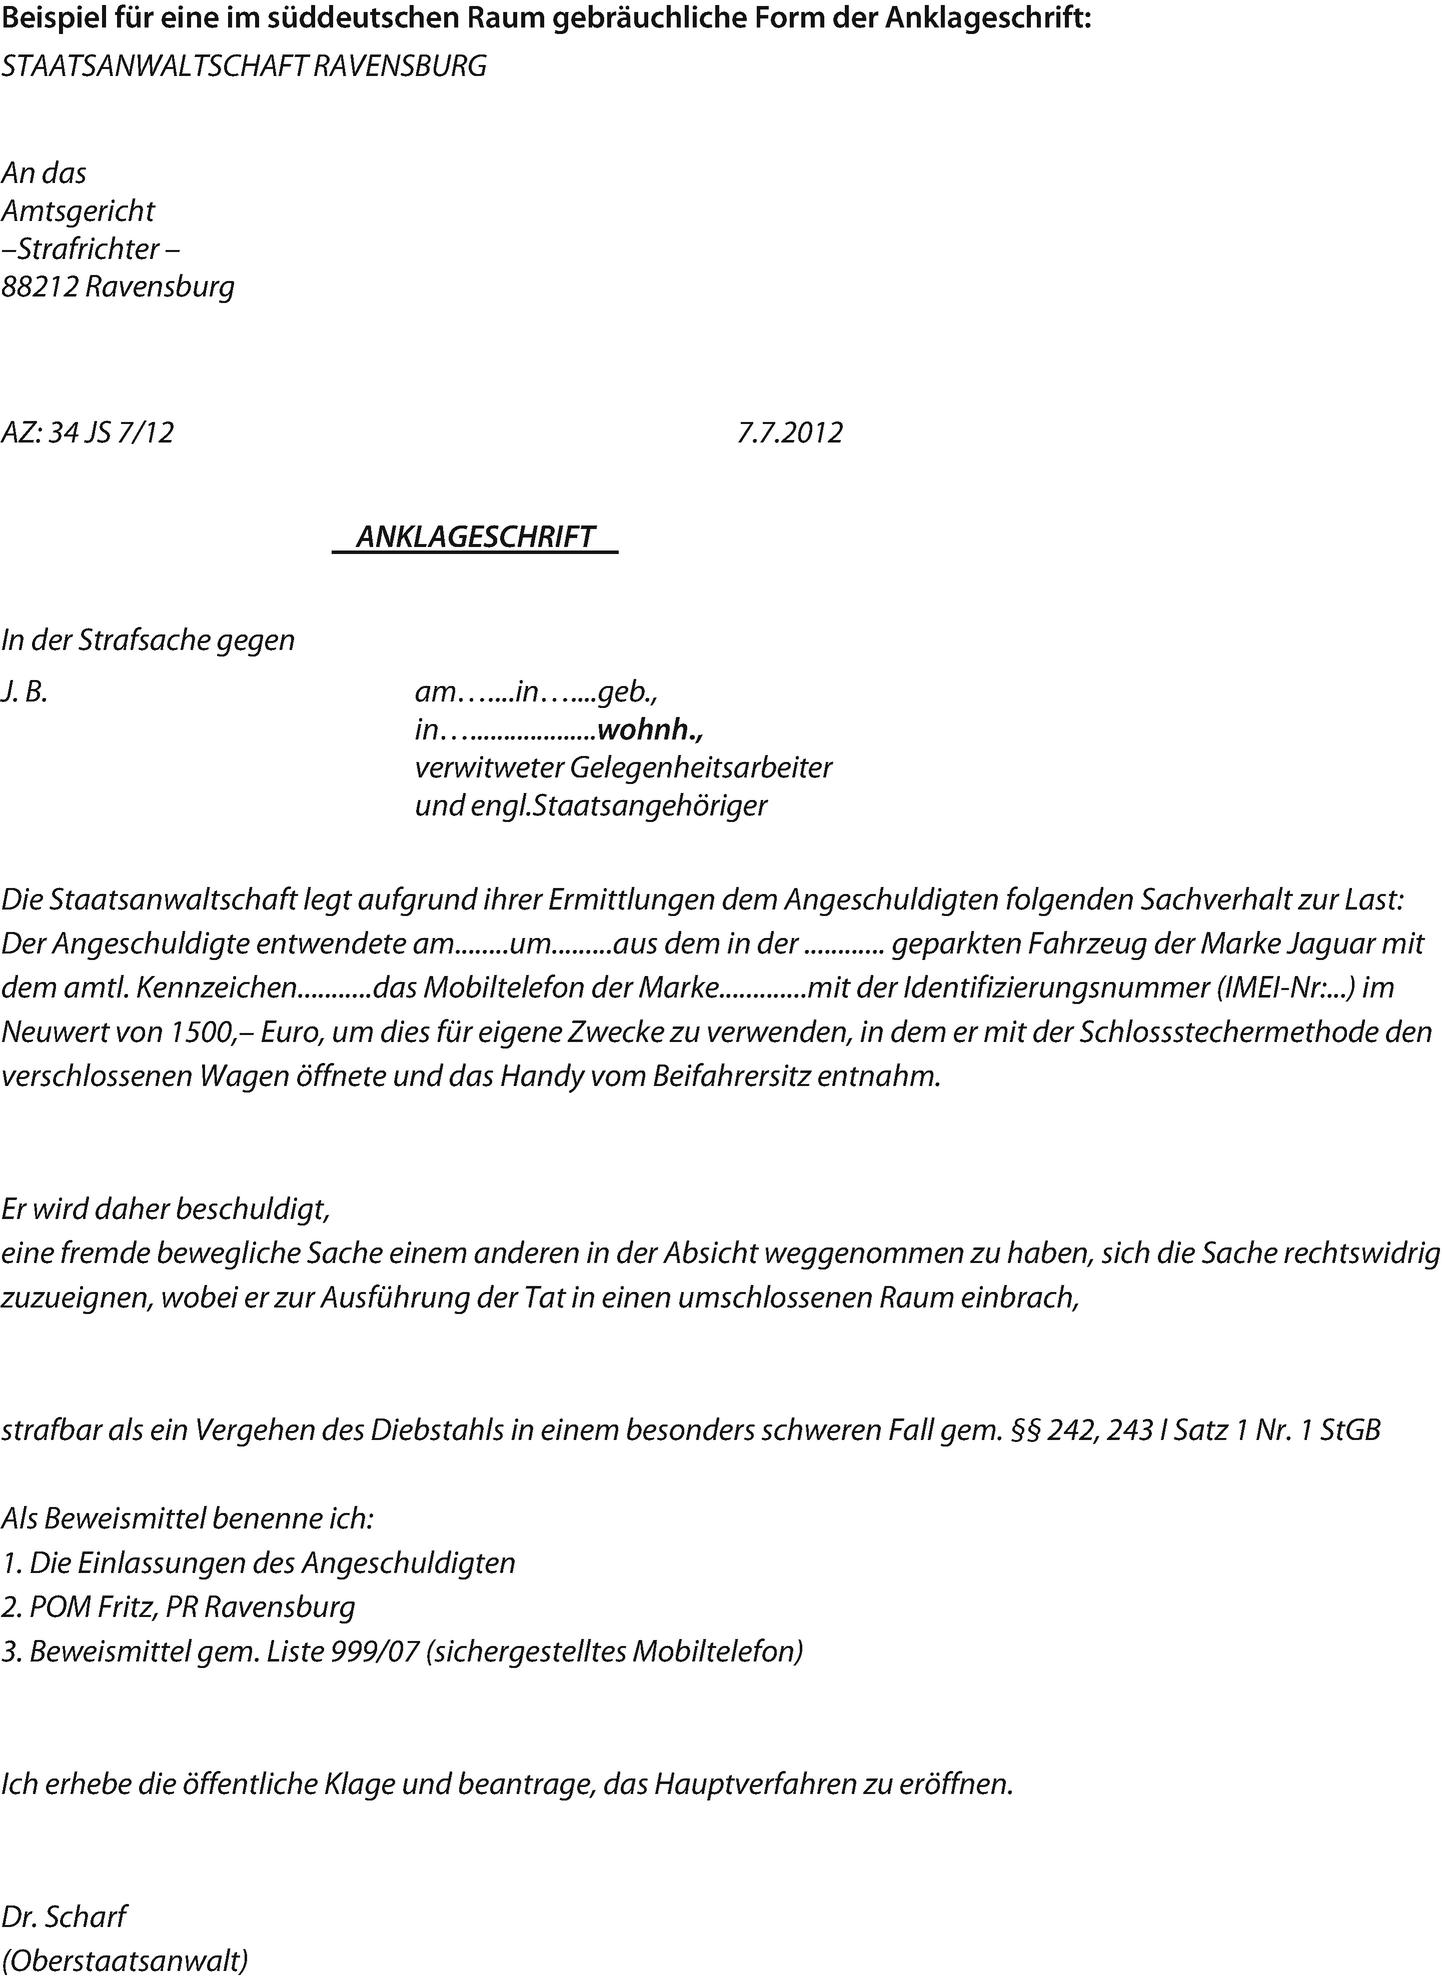 Die Staatsanwaltliche Abschlussentscheidung 12